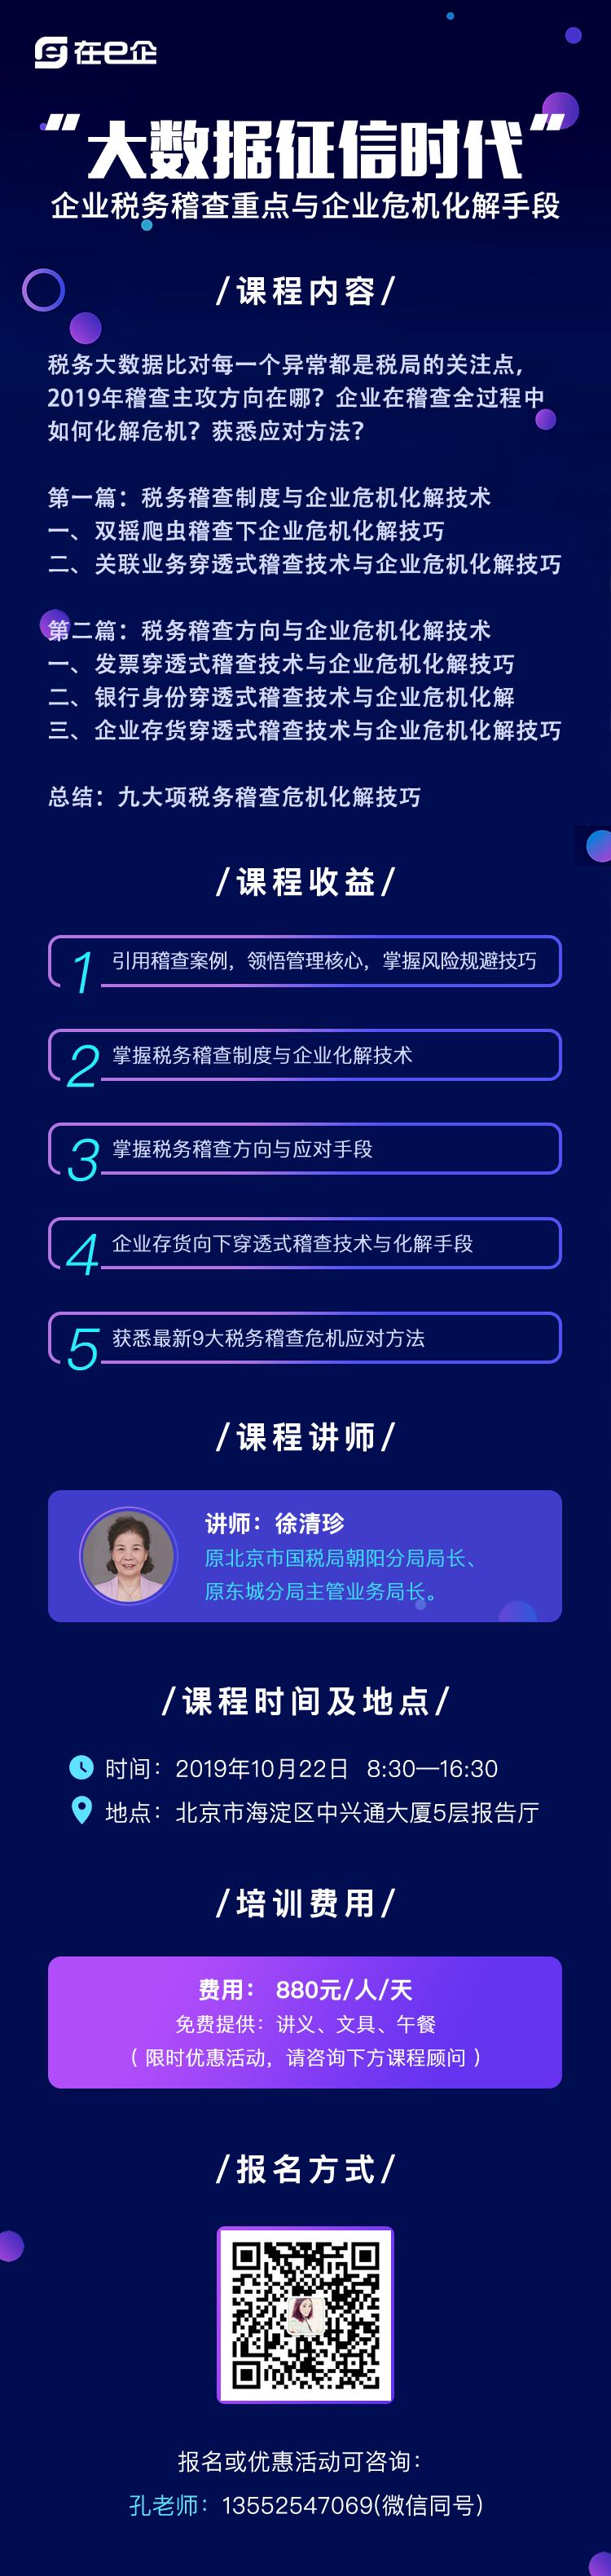 长图.png